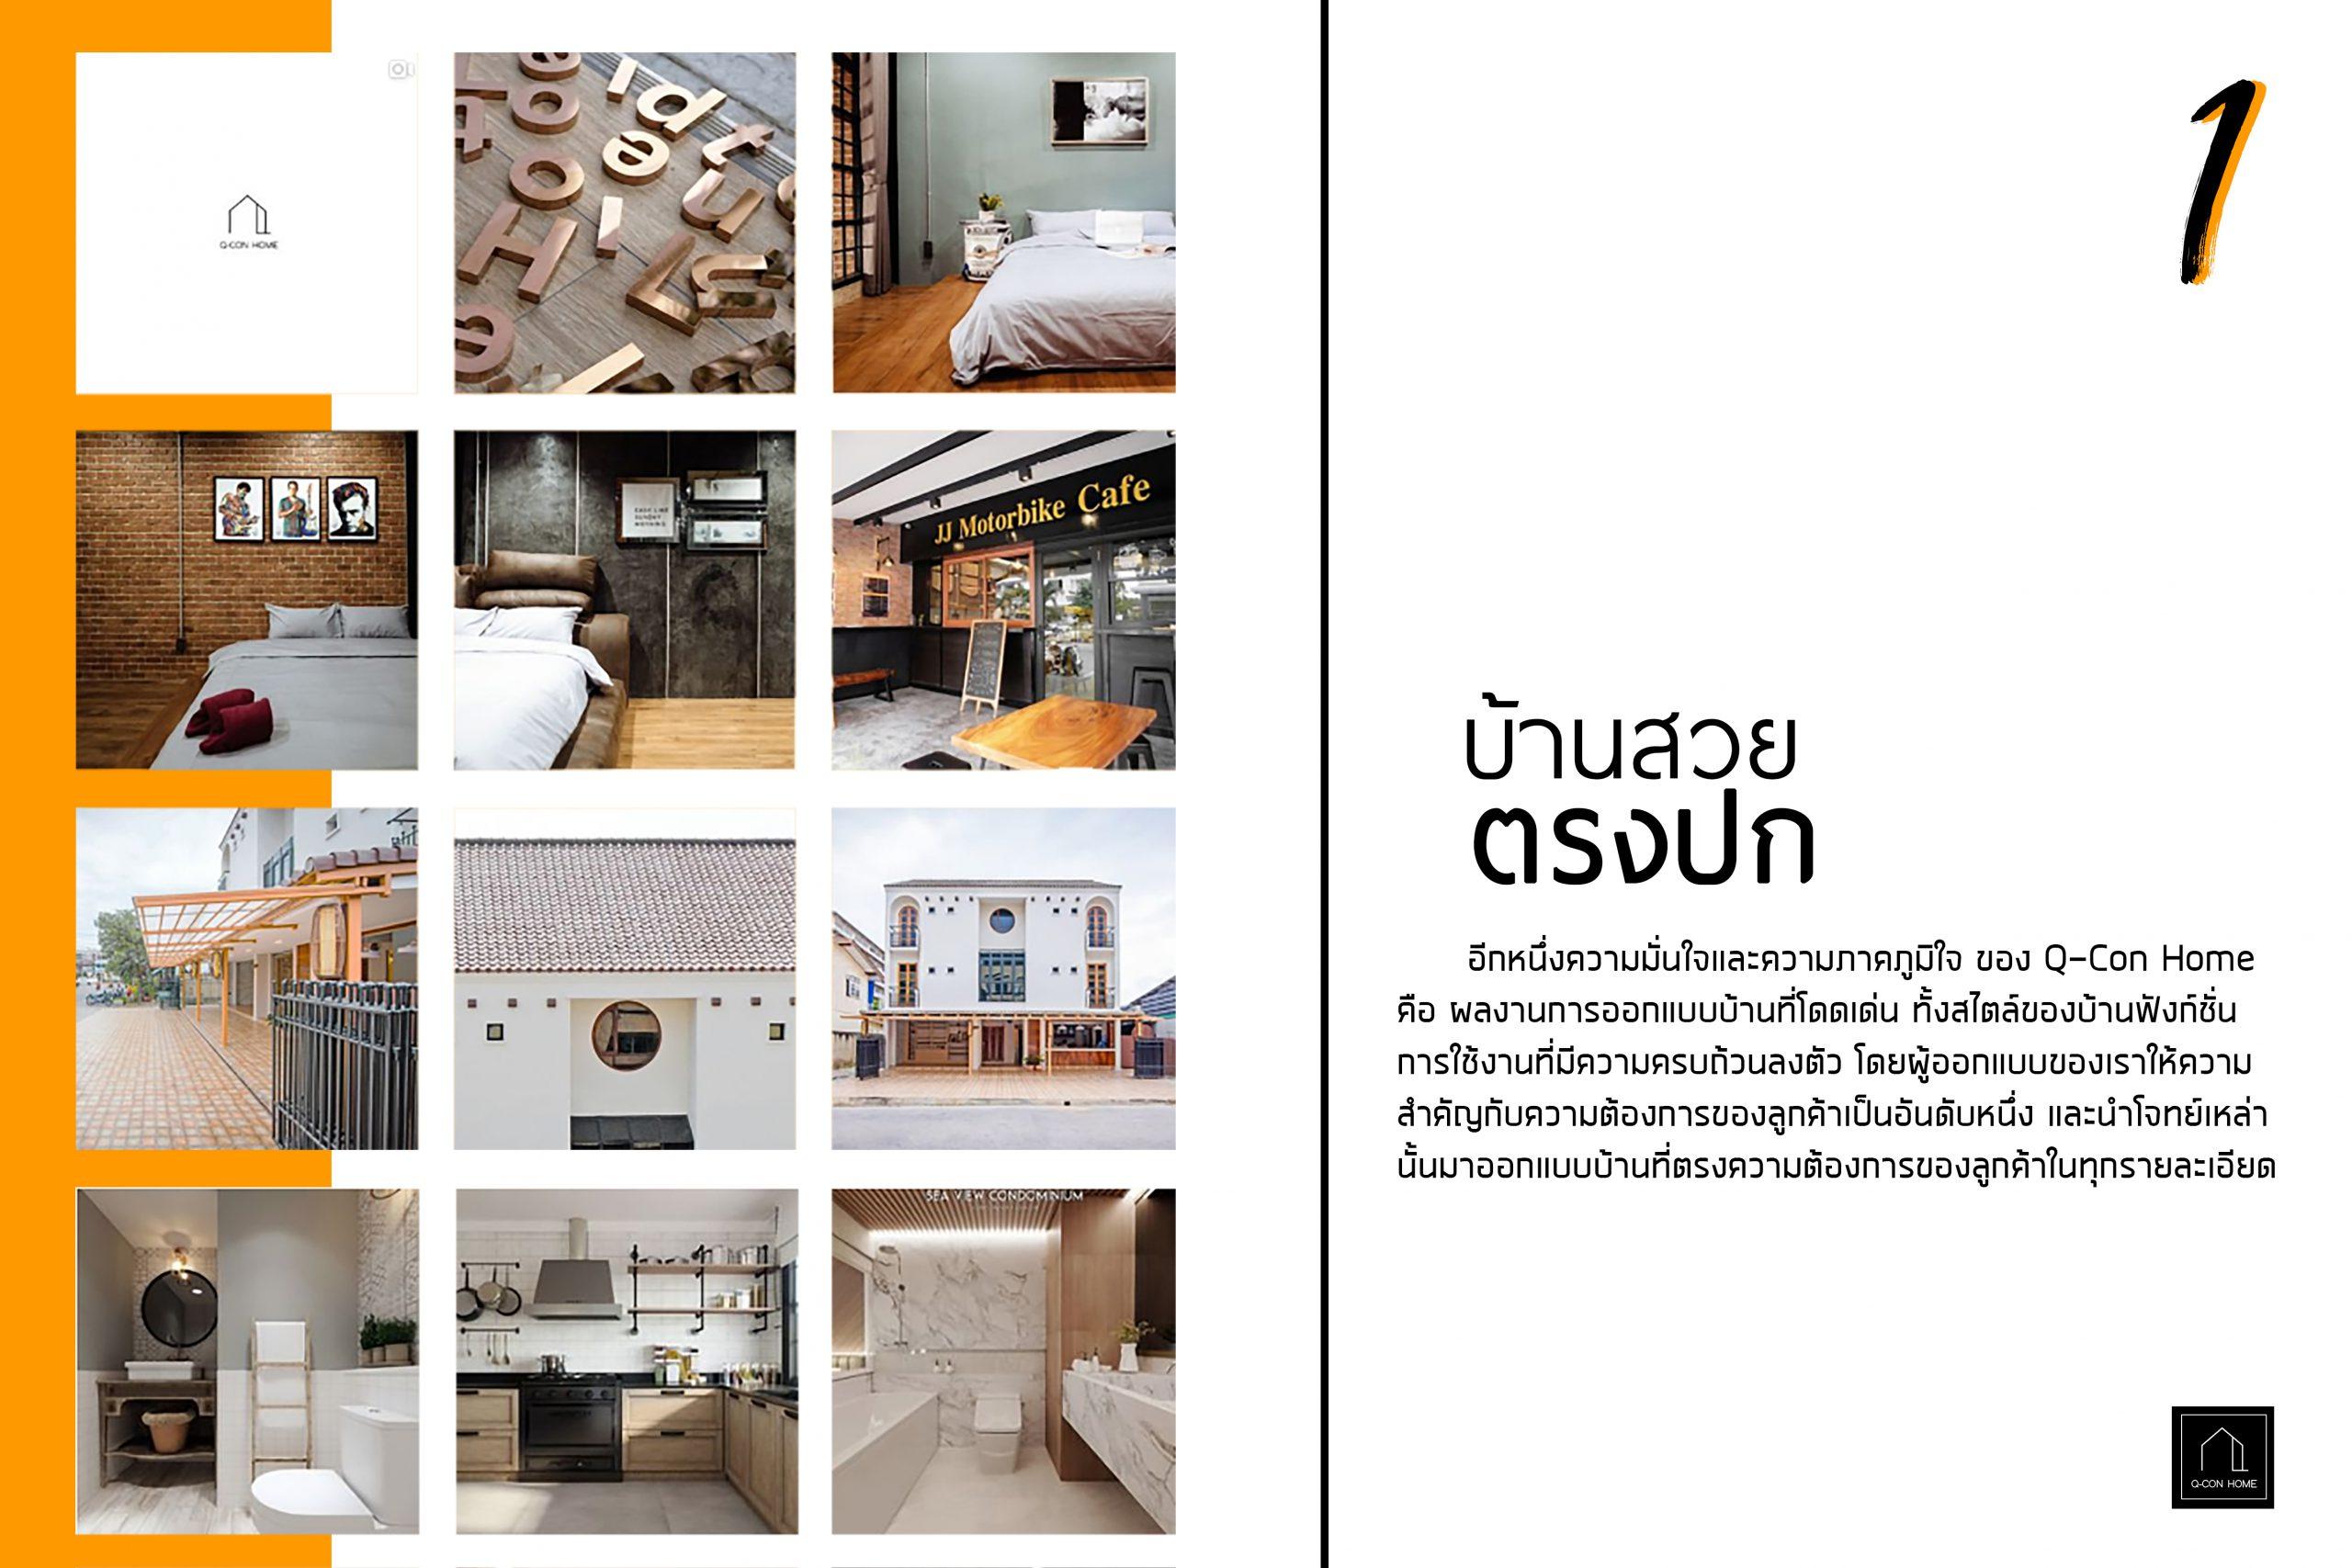 บริษัทรับสร้างบ้าน หัวหิน ออกแบบบ้าน รับสร้างบ้าน สร้างบ้านดี แบบบ้านสวย รับเหมาสร้างบ้านหัวหิน